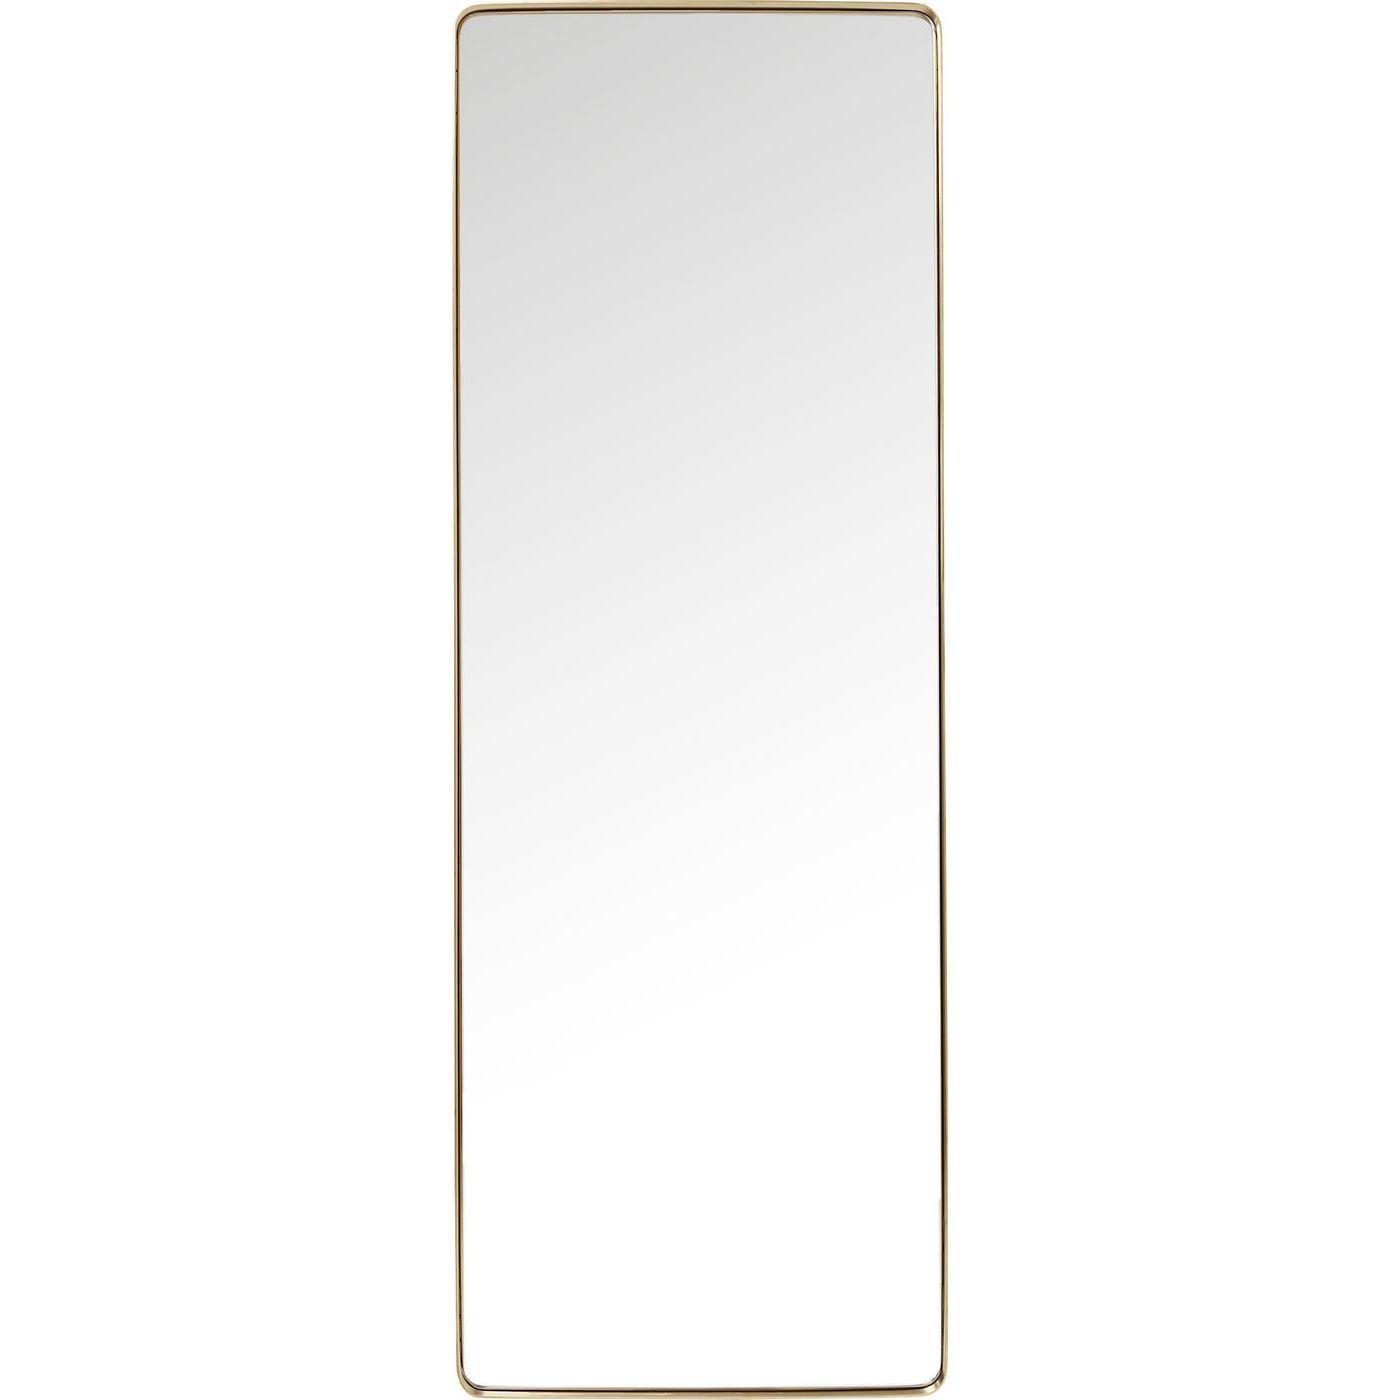 Billede af Spejl Curve Rectangular Brass 200 x 70 cm